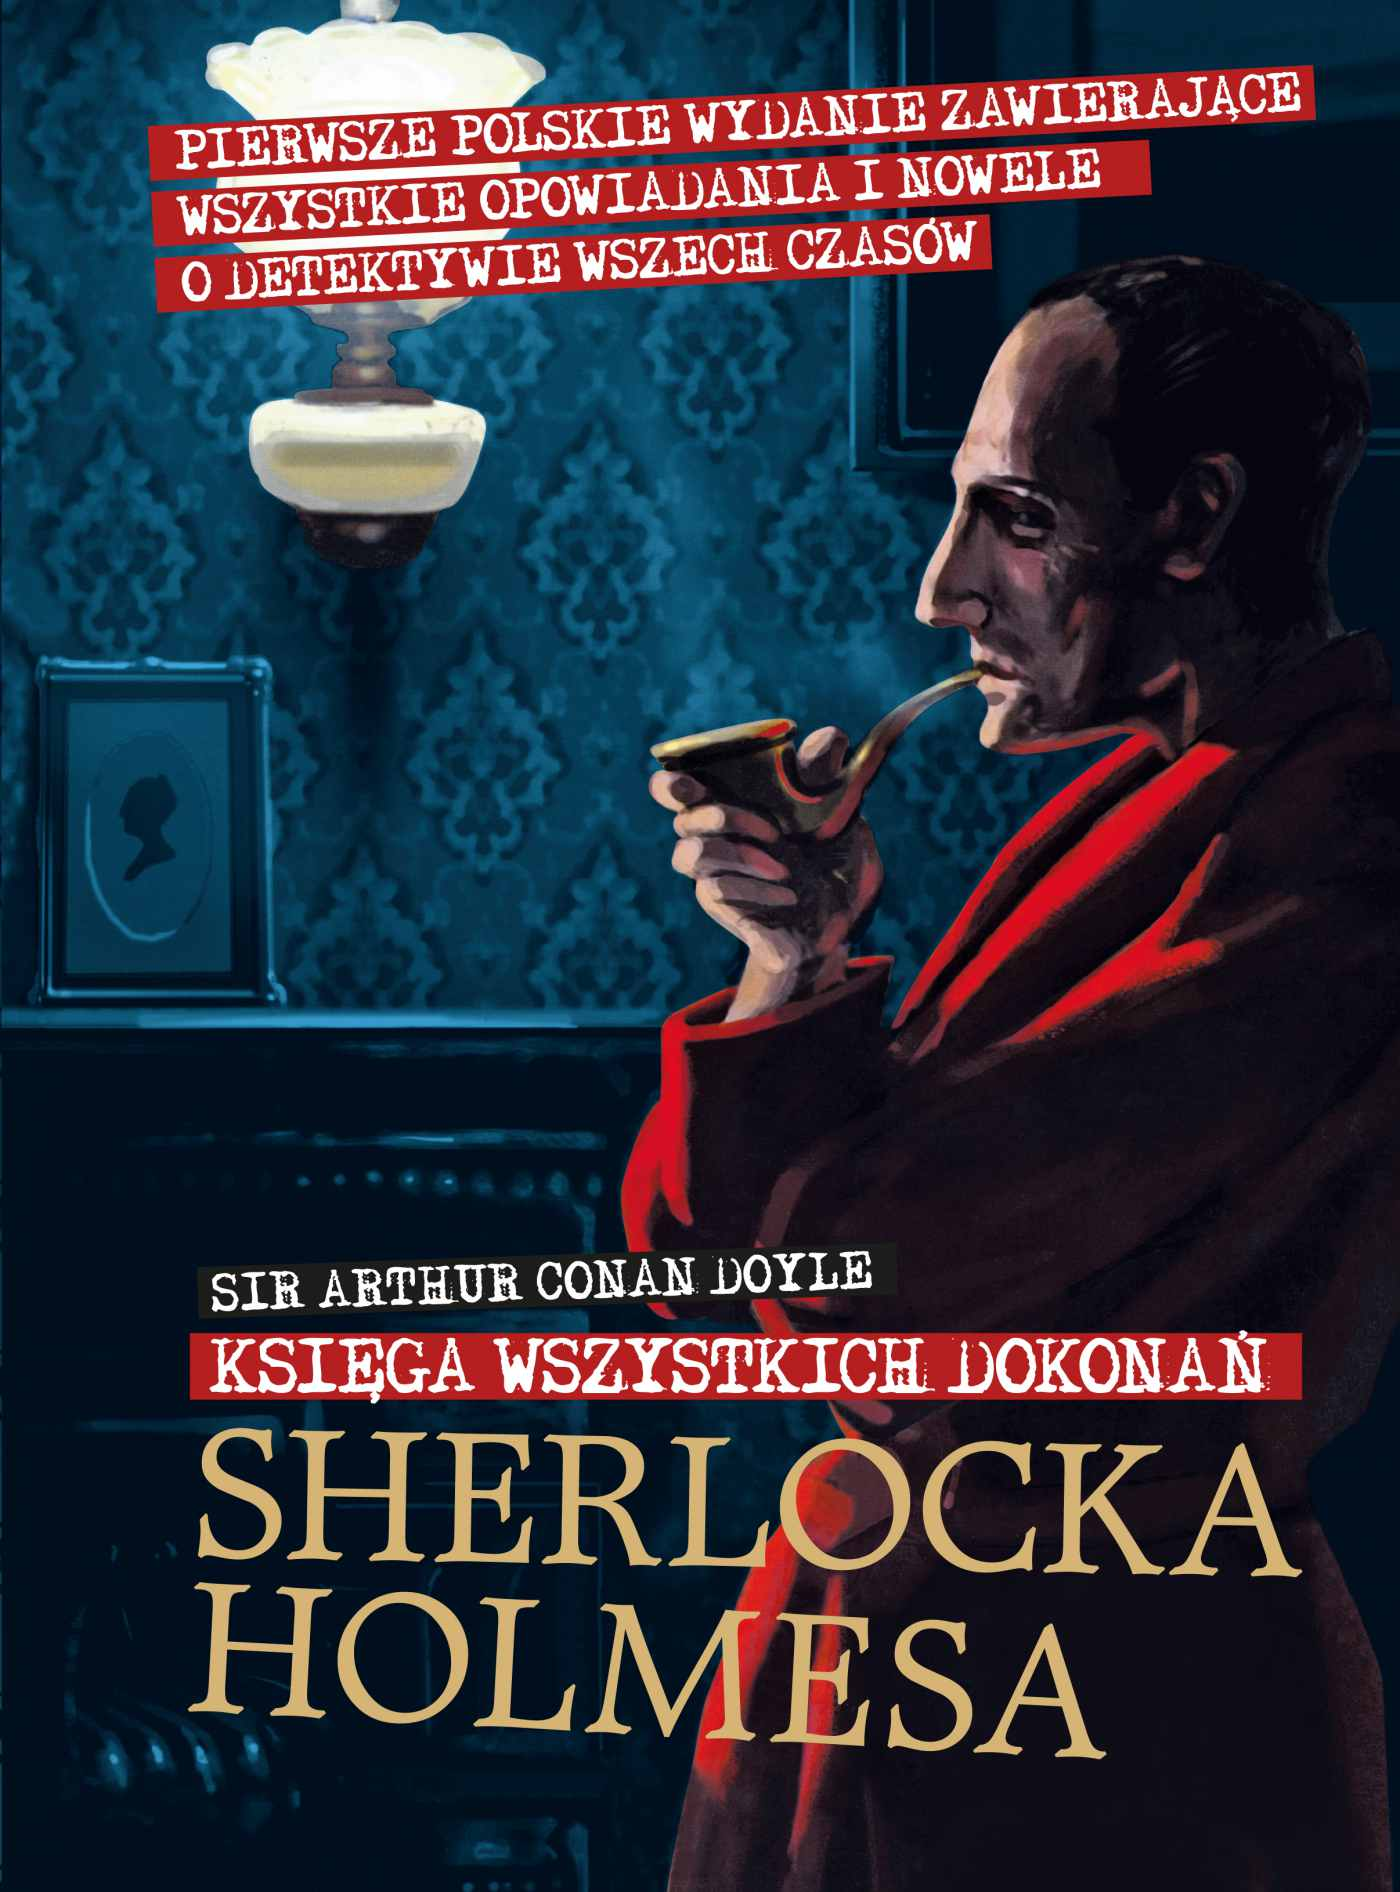 Księga wszystkich dokonań Sherlocka Holmesa - Ebook (Książka na Kindle) do pobrania w formacie MOBI